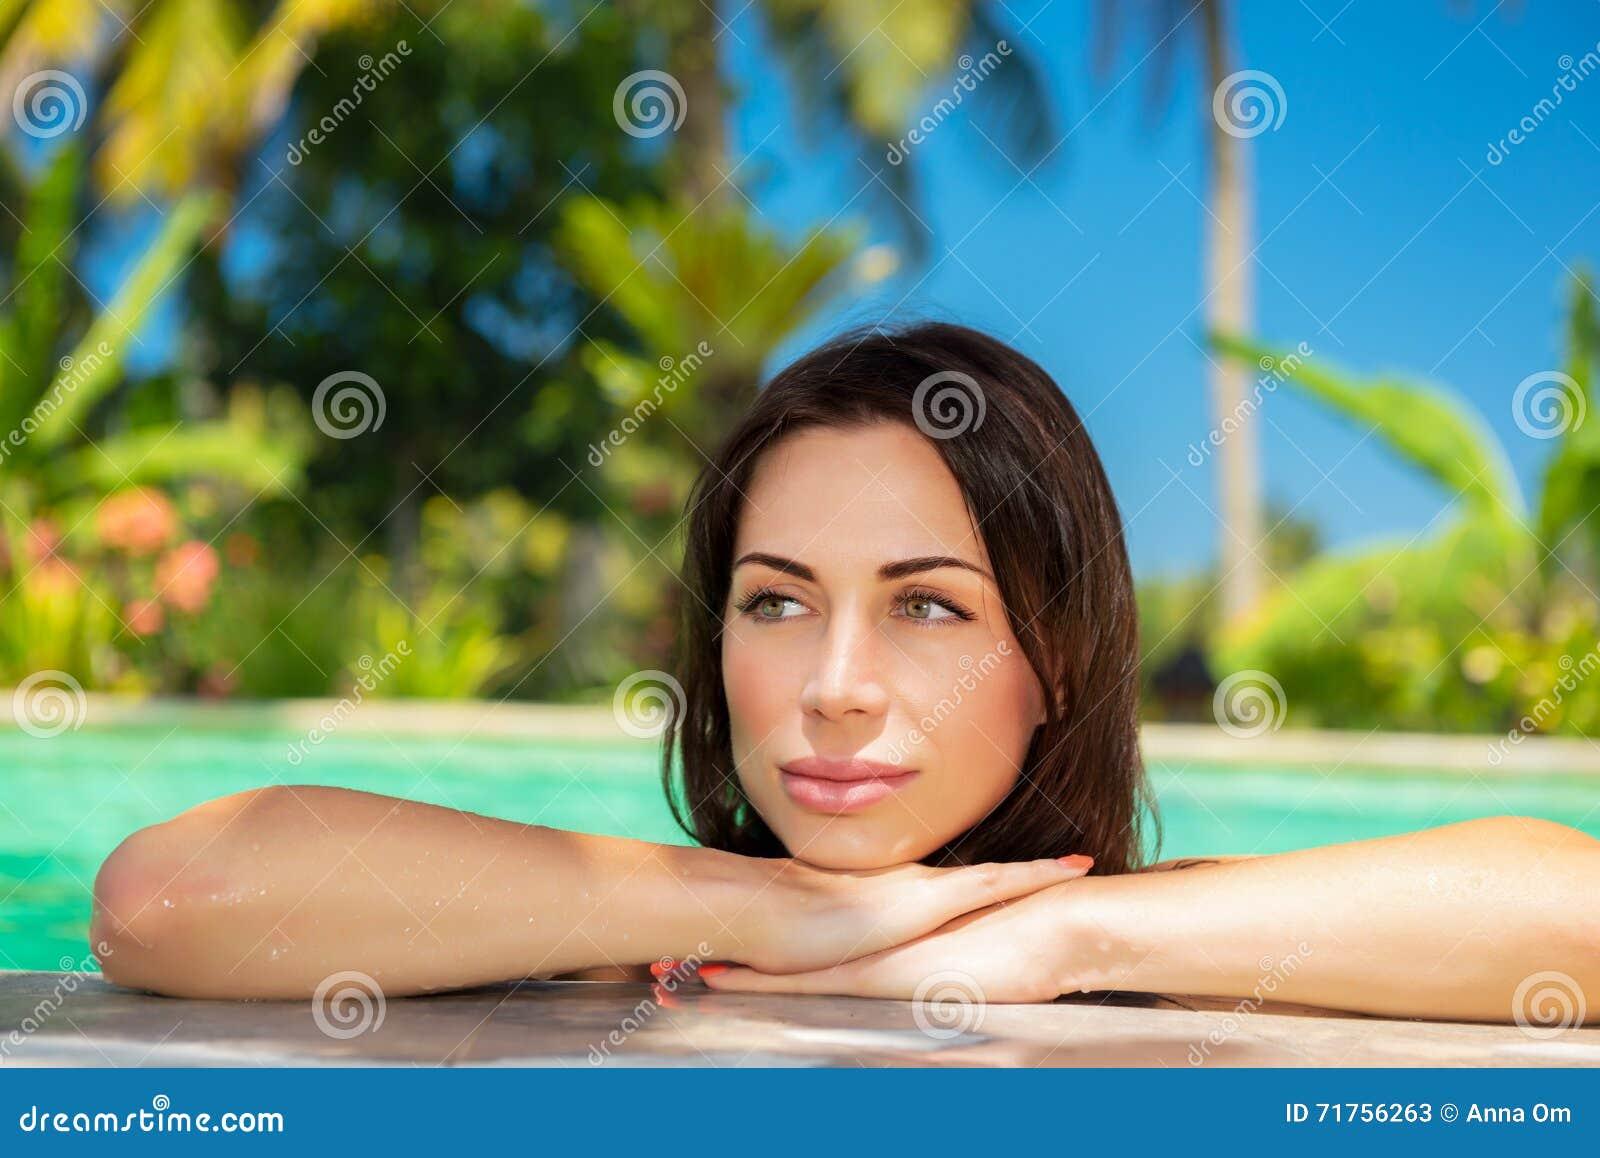 Όμορφη γυναίκα στη λίμνη